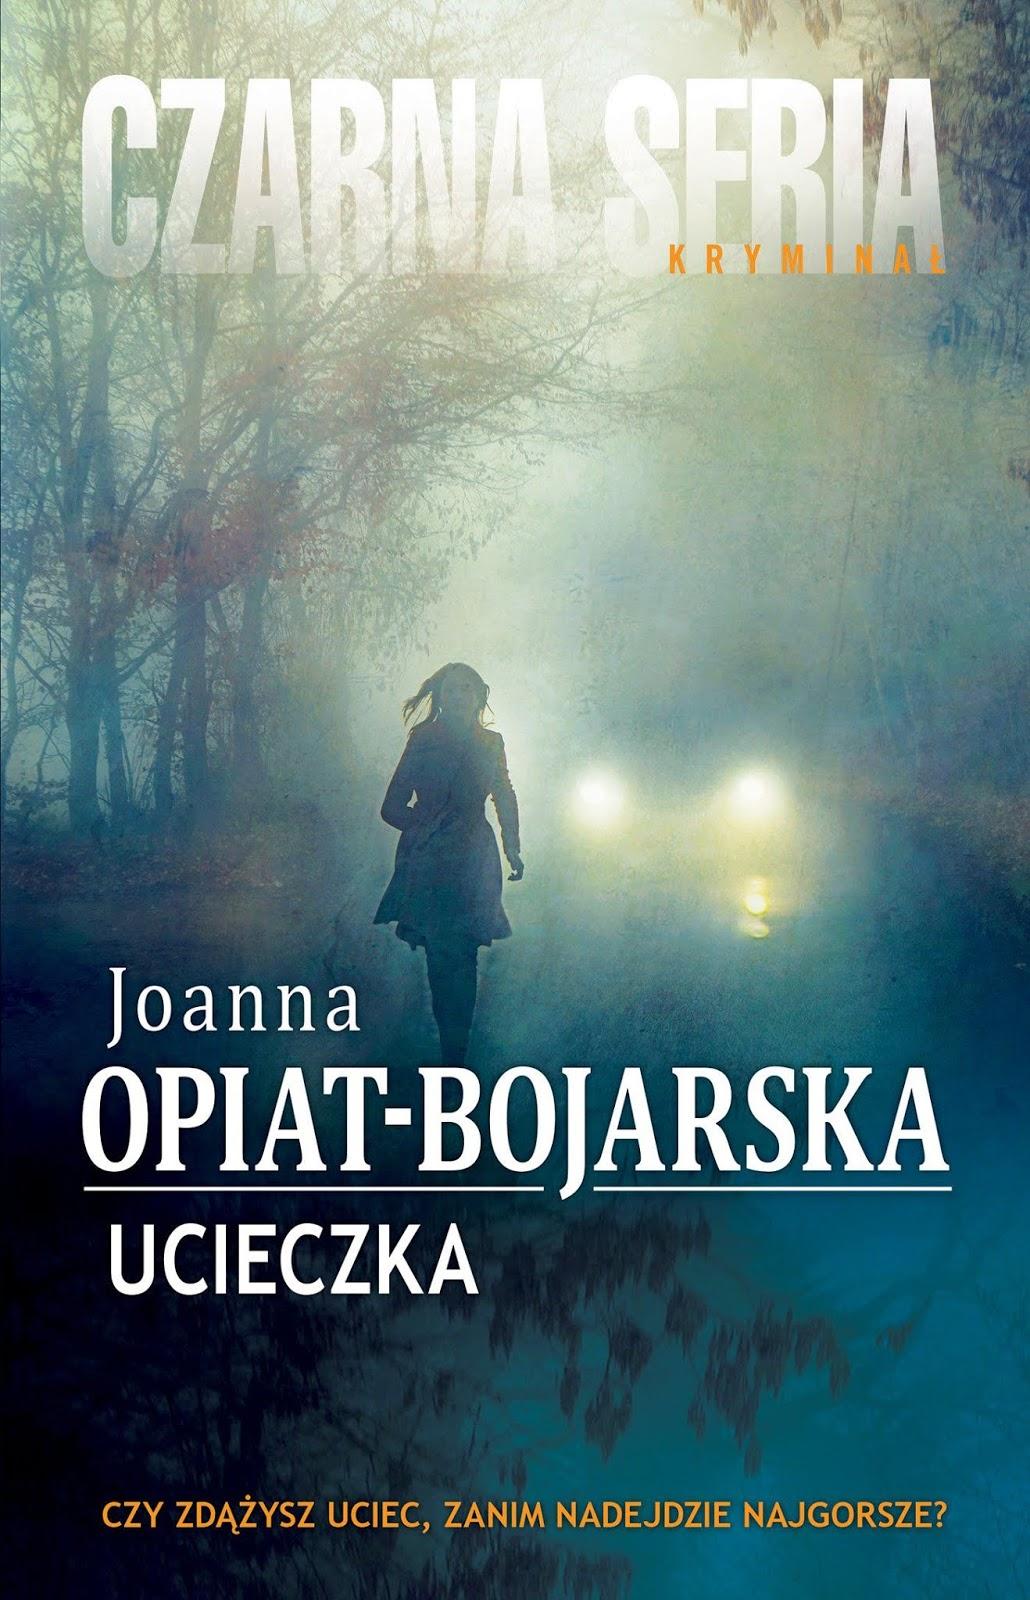 94e56e028b10b6 Zapraszam na spotkanie i ucieczkę z Joanną Opiat-Bojarską ...